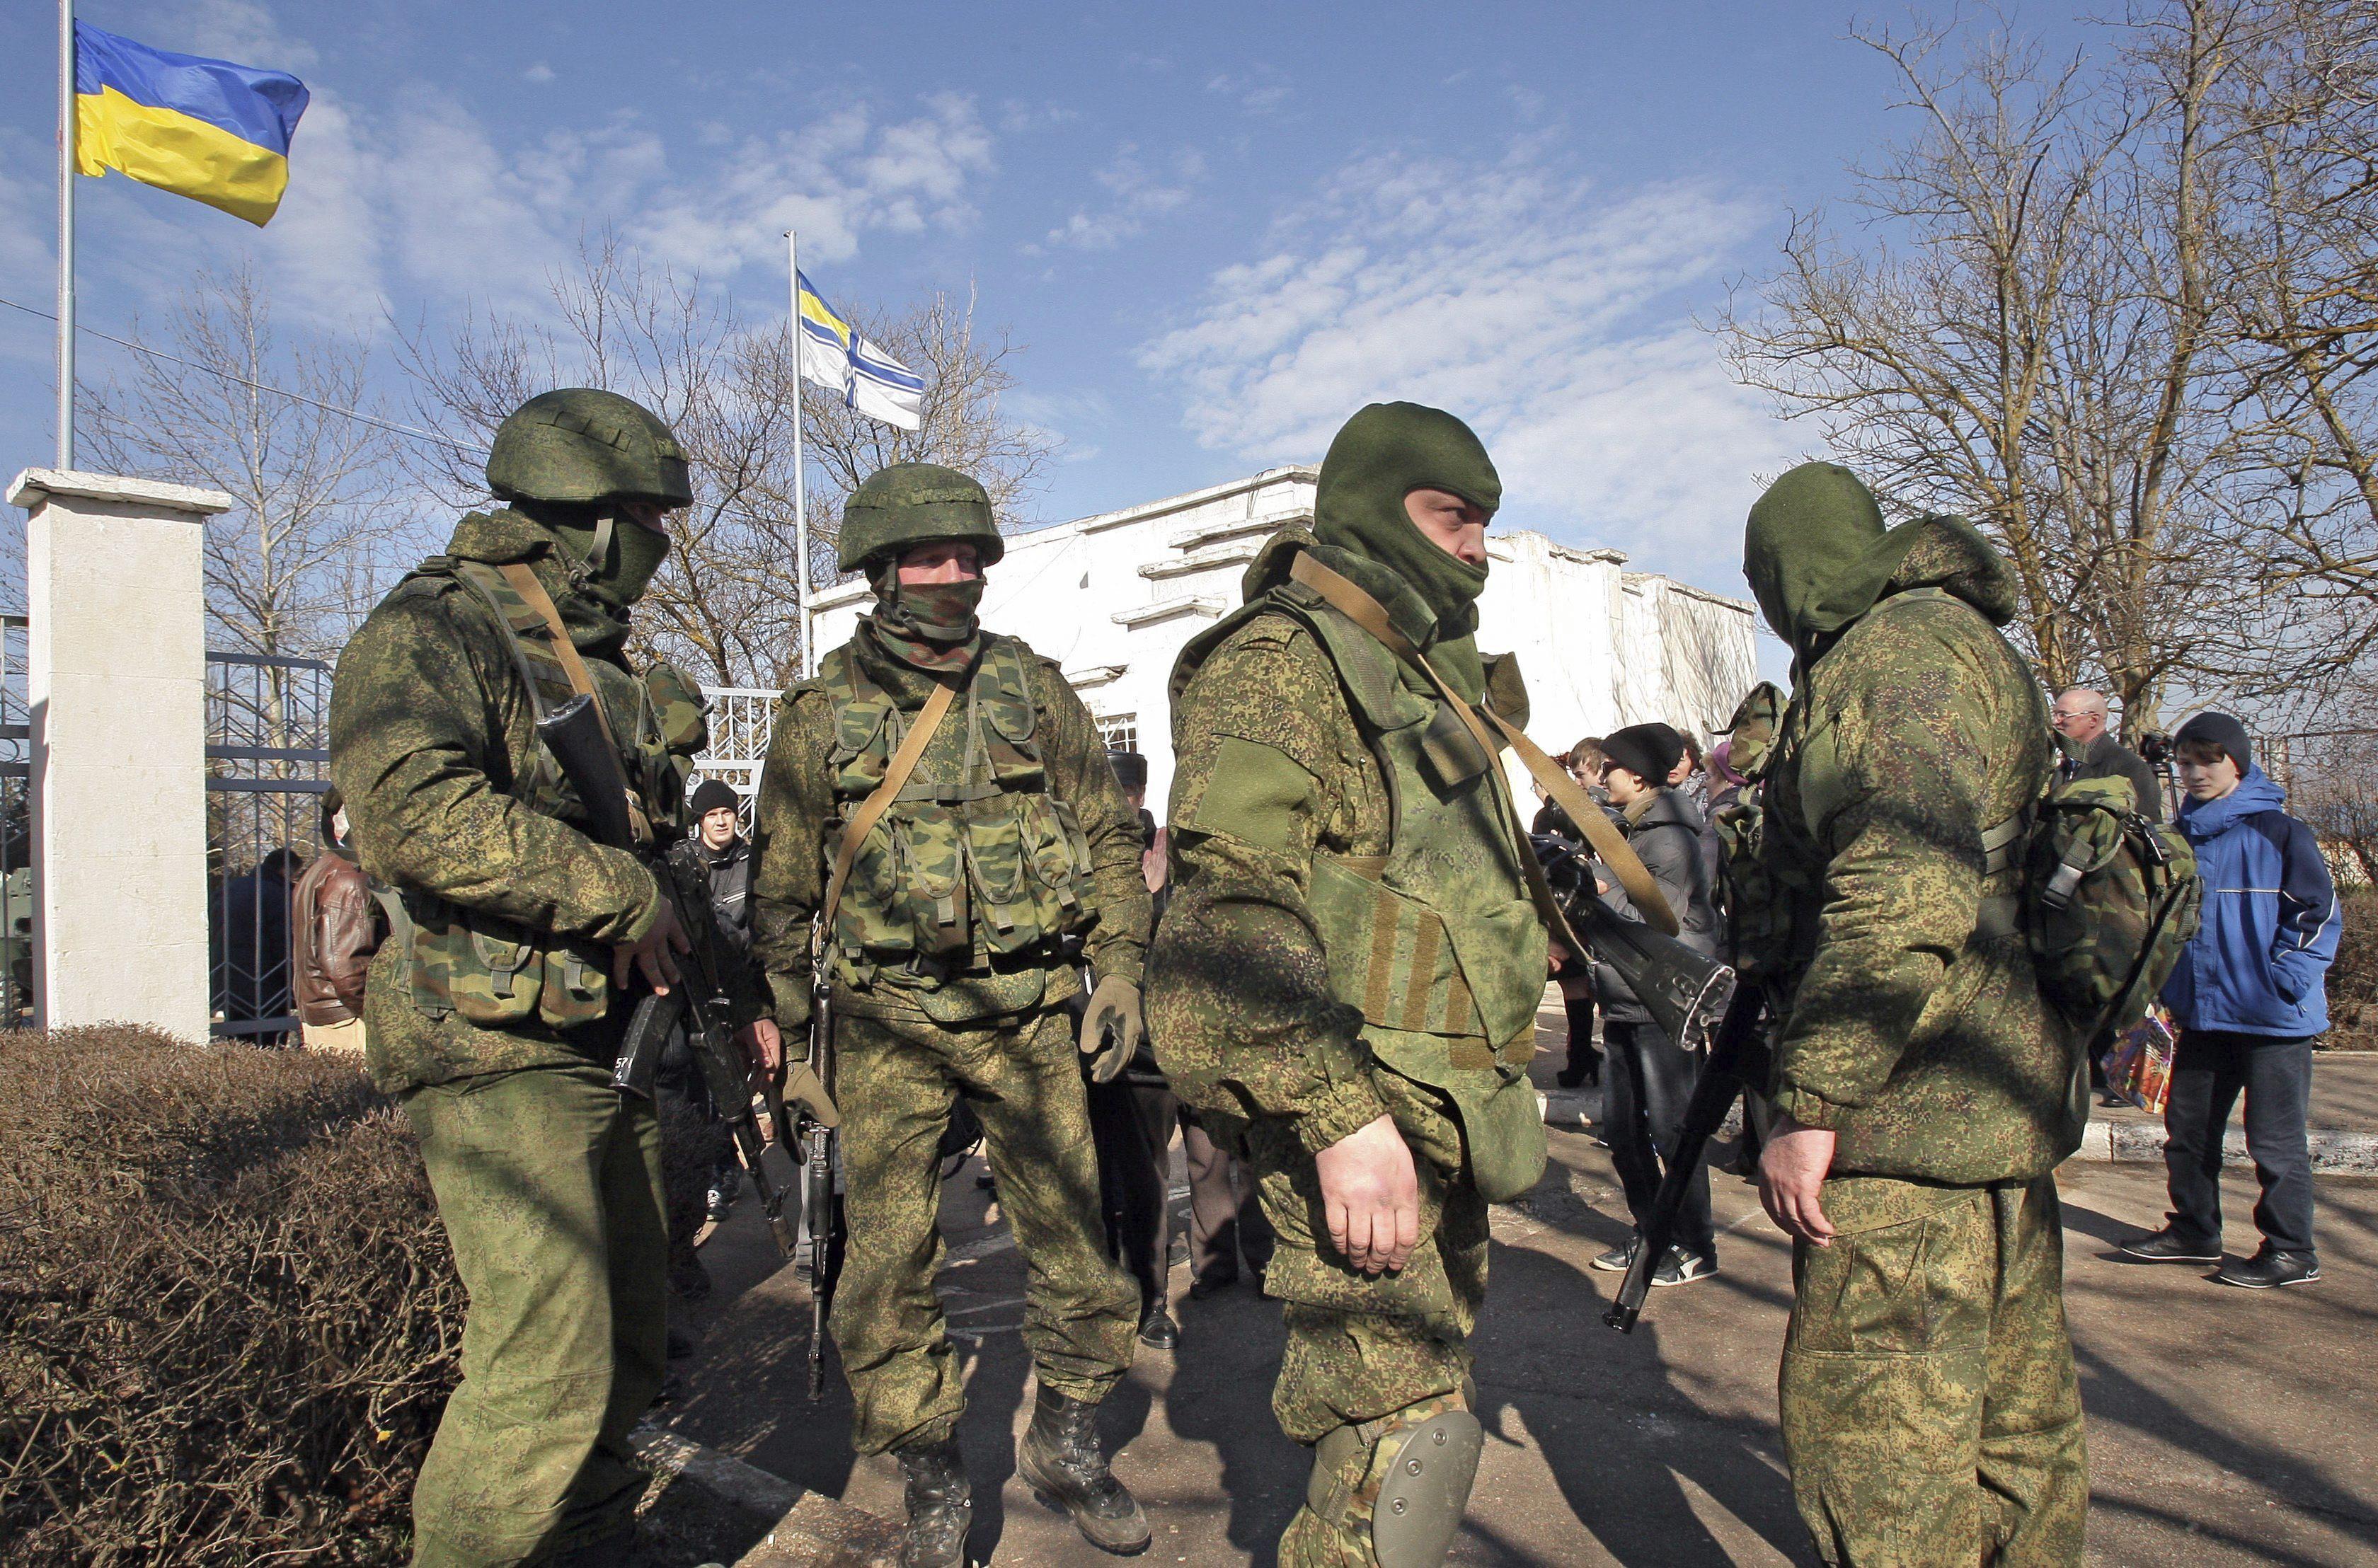 Soldados armados sin identificar, presuntamente rusos, bloquean la entrada a la base naval ucraniana de Novoozerniy.